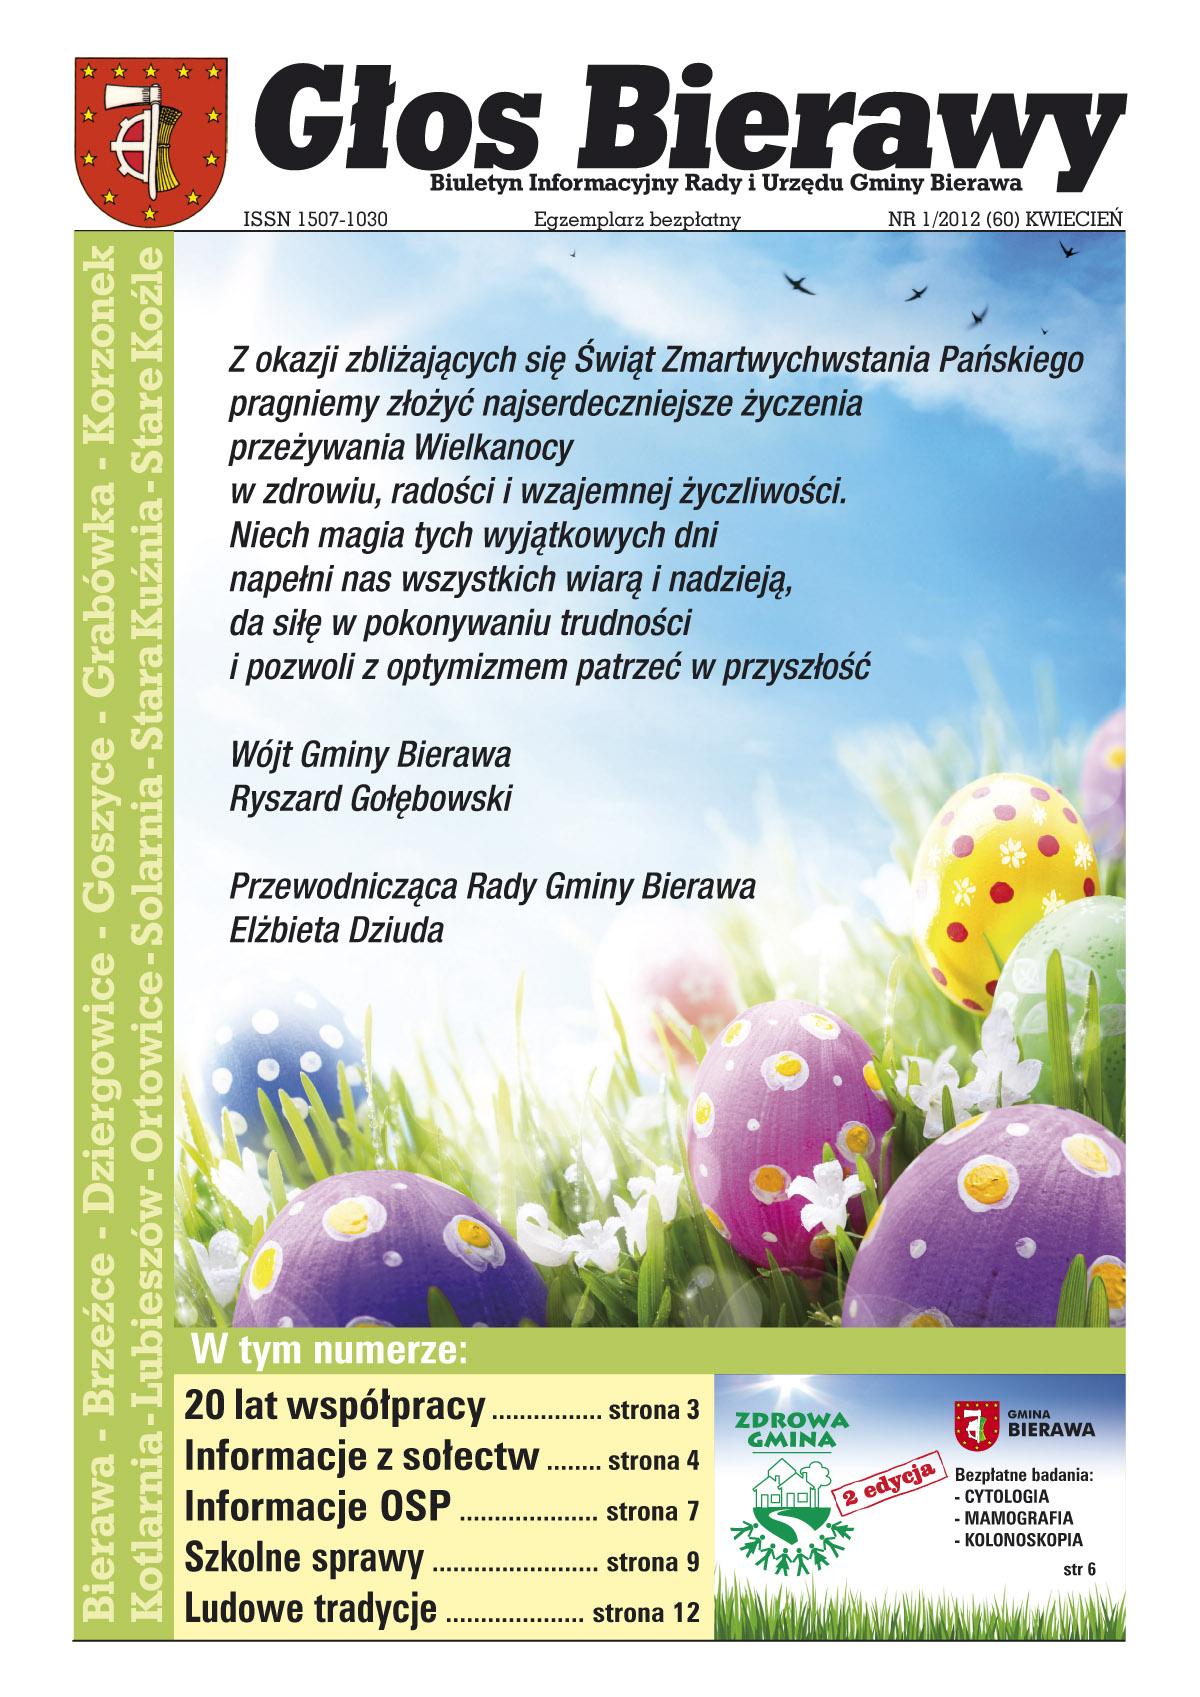 Glos_Bierawy_2012-04.jpeg